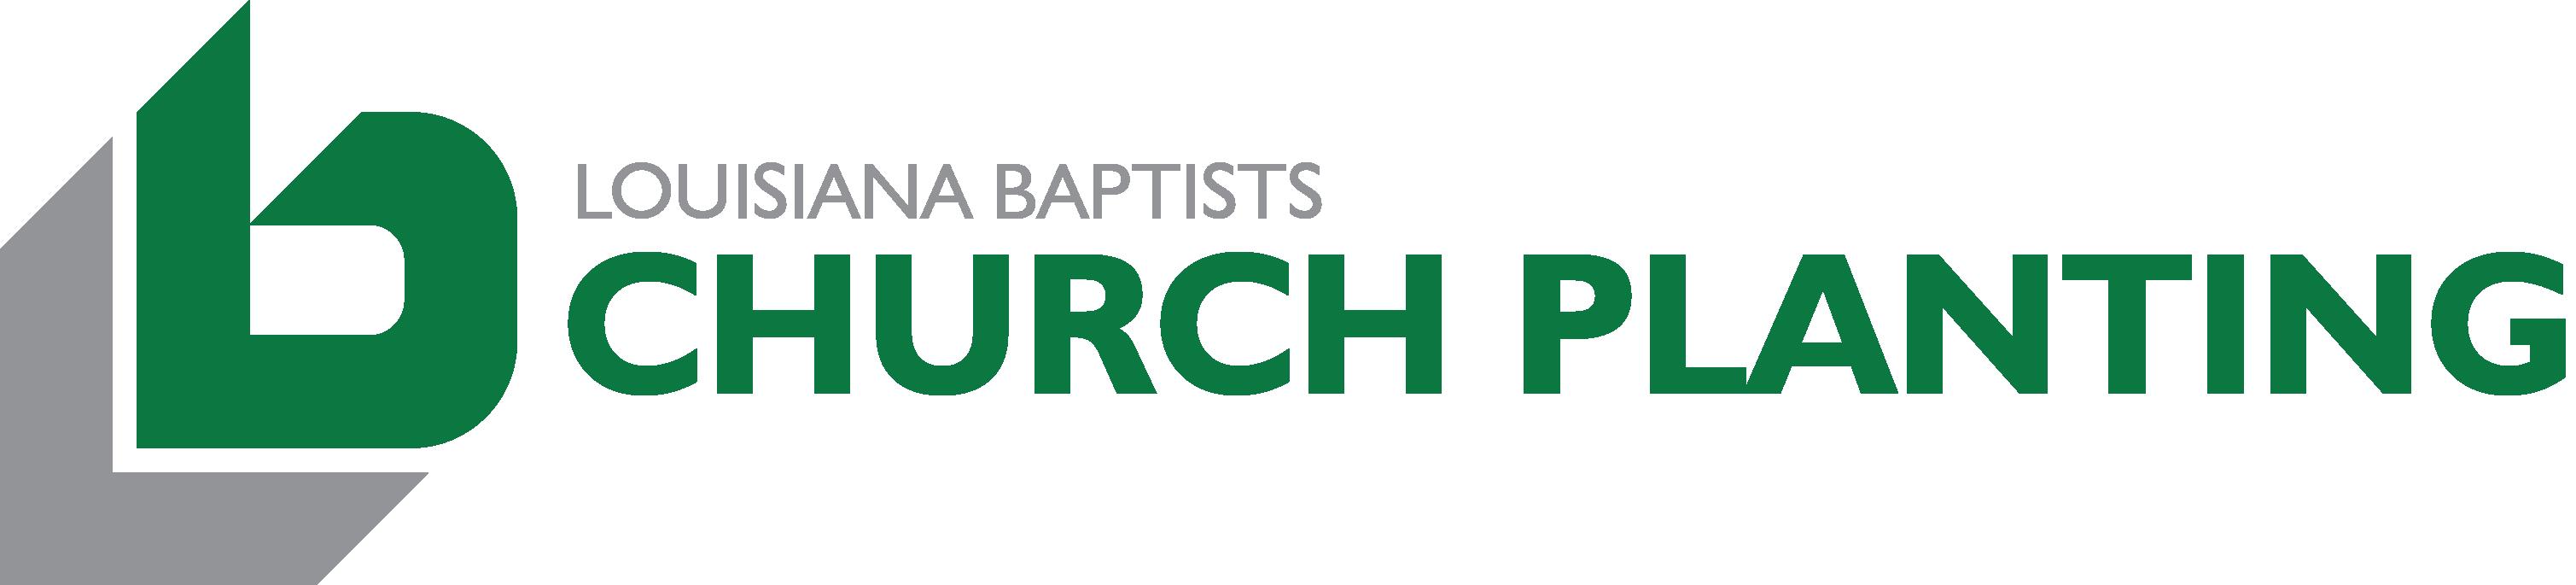 lb_church_planting_kqb.png